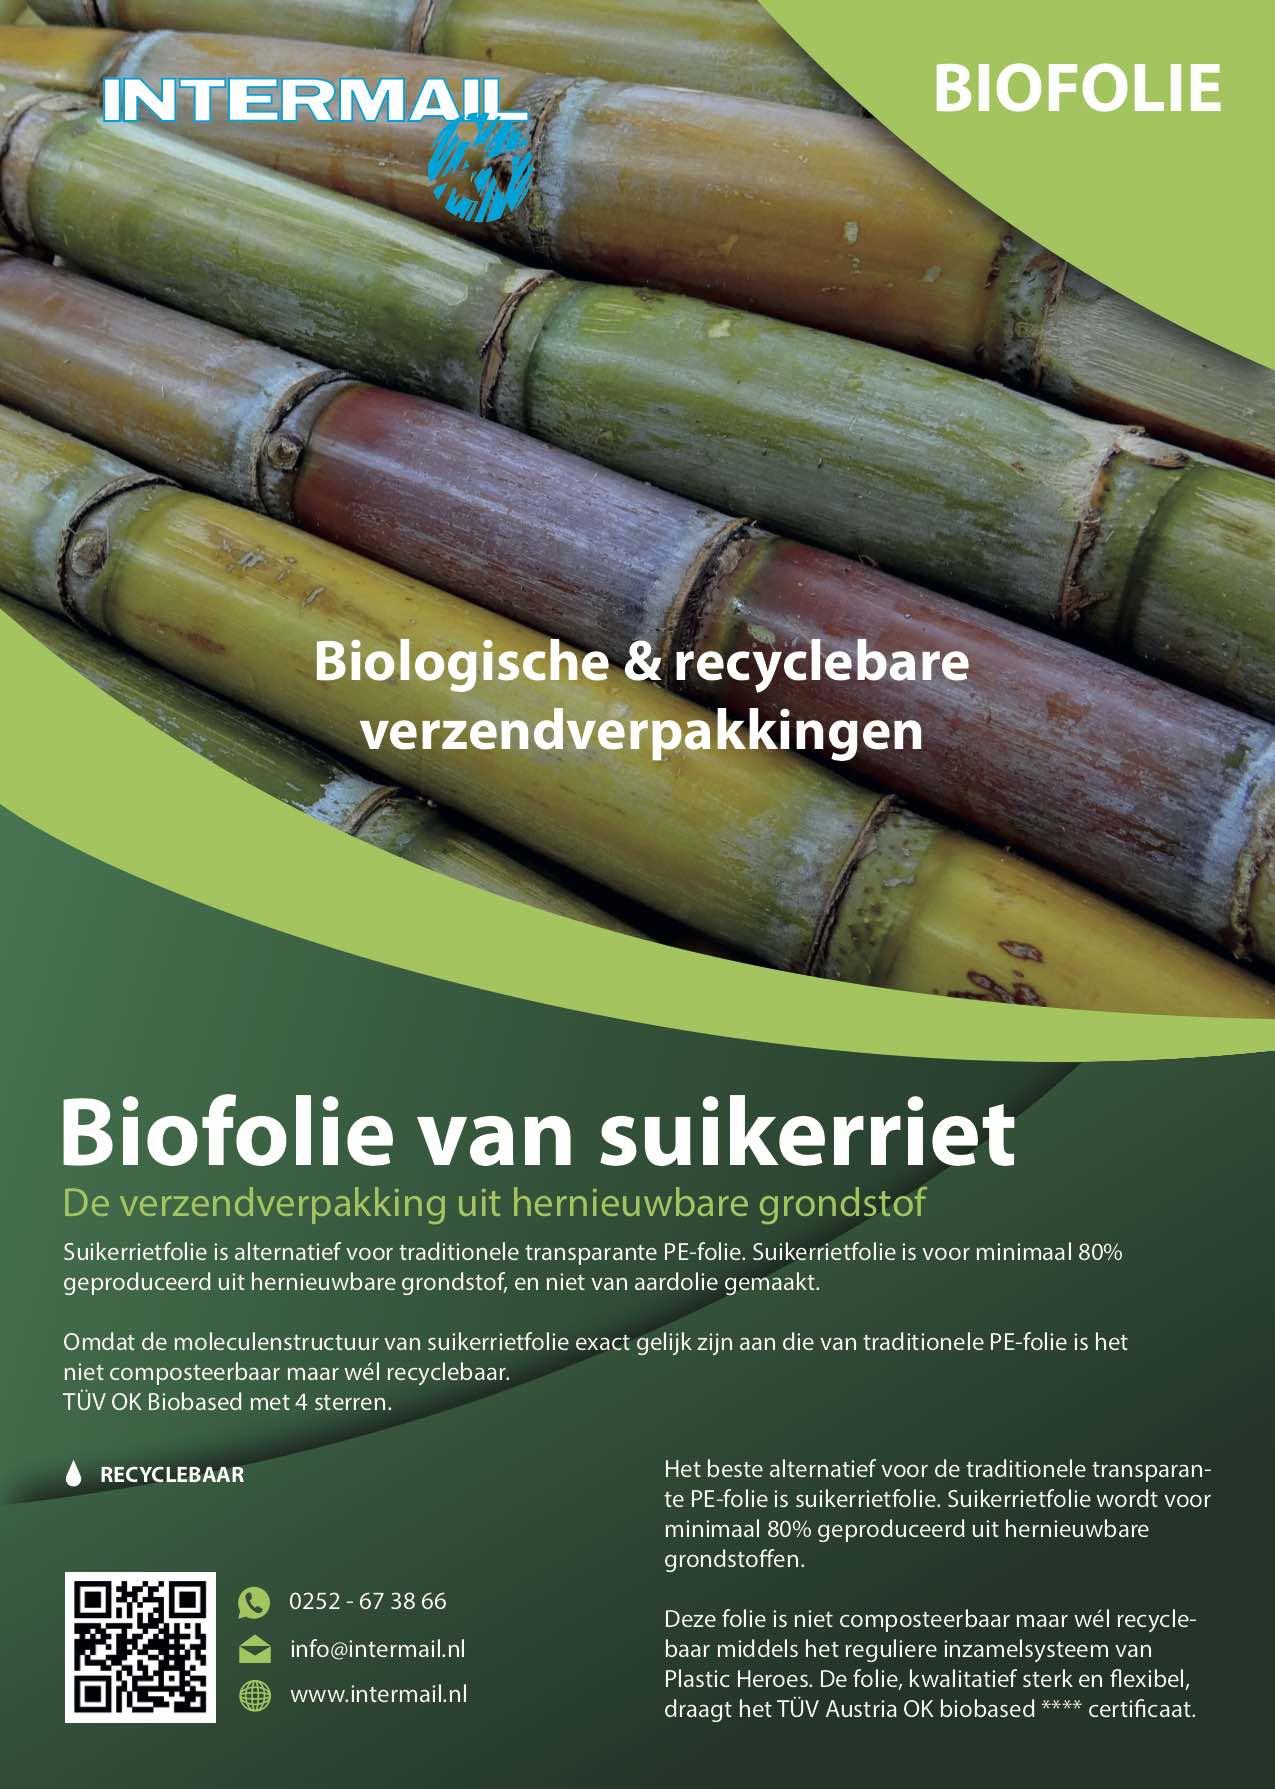 Biofolo van suikerriet | Intermail BV